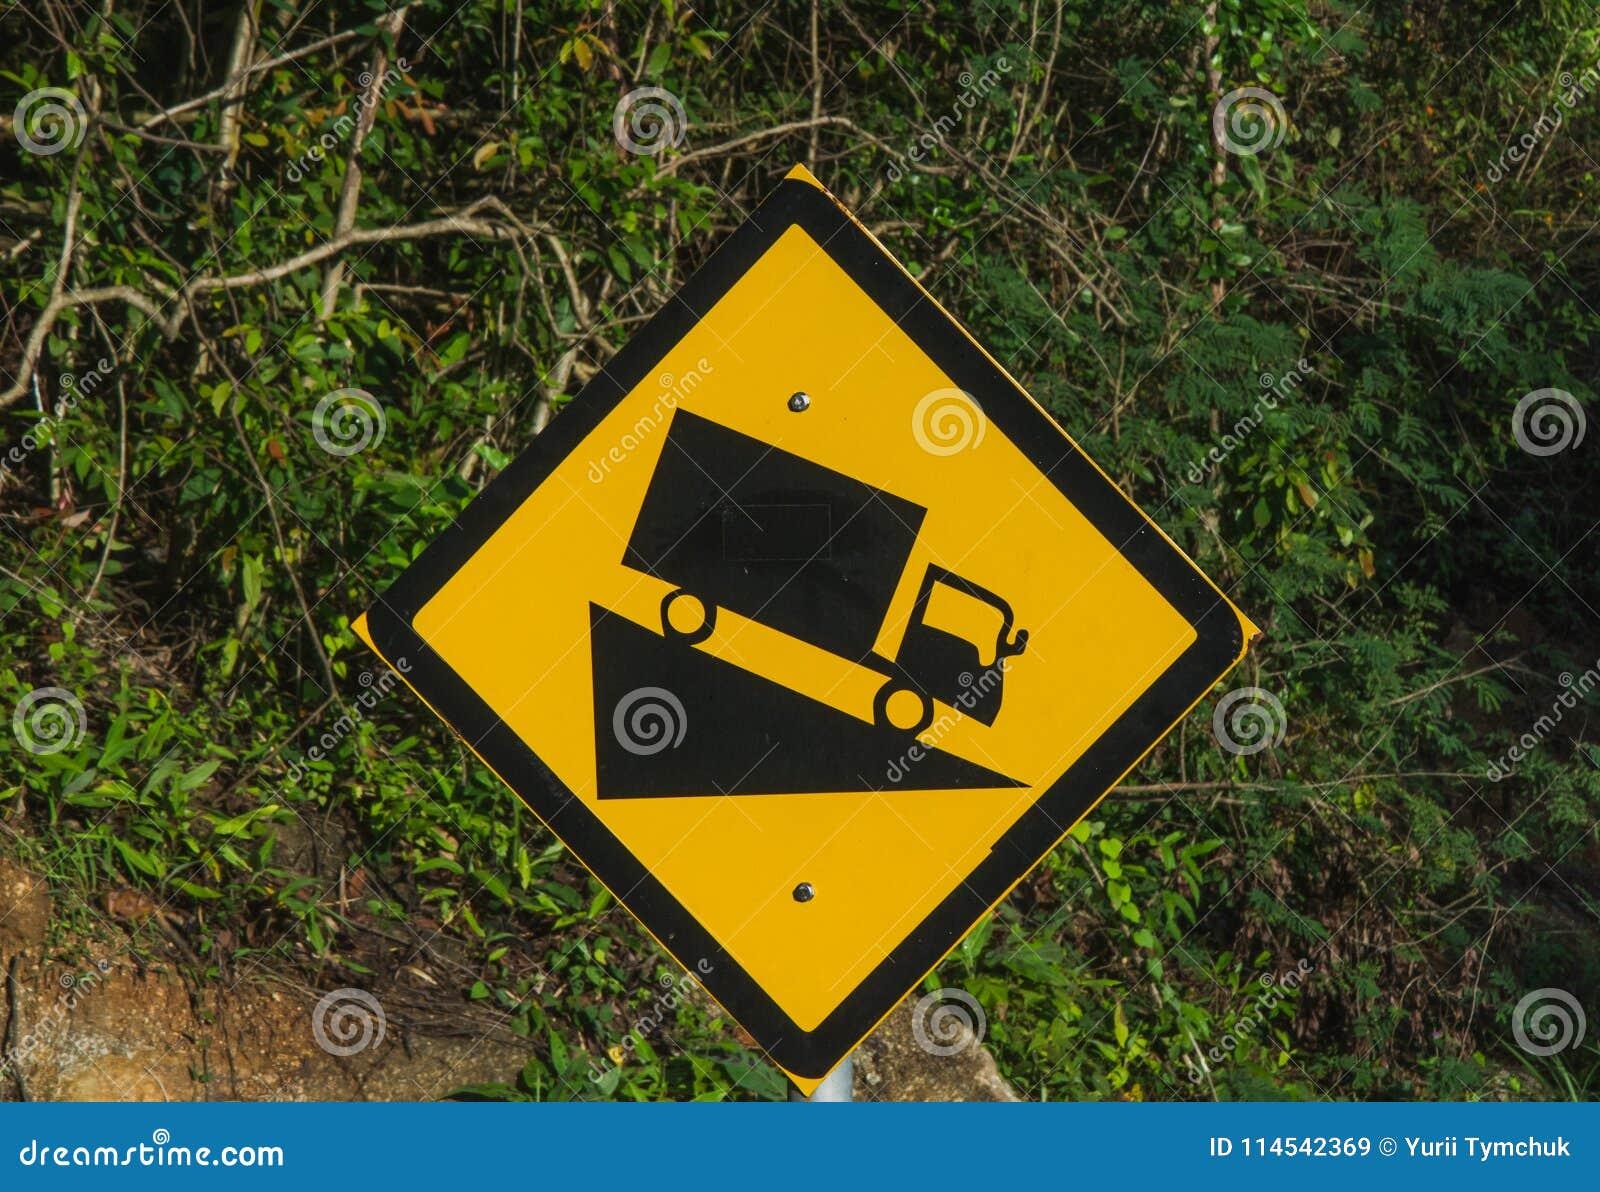 Witah raide de panneau routier un camion entraînant une réduction un downgrade raide dans noir et jaune sur le panneau routier de